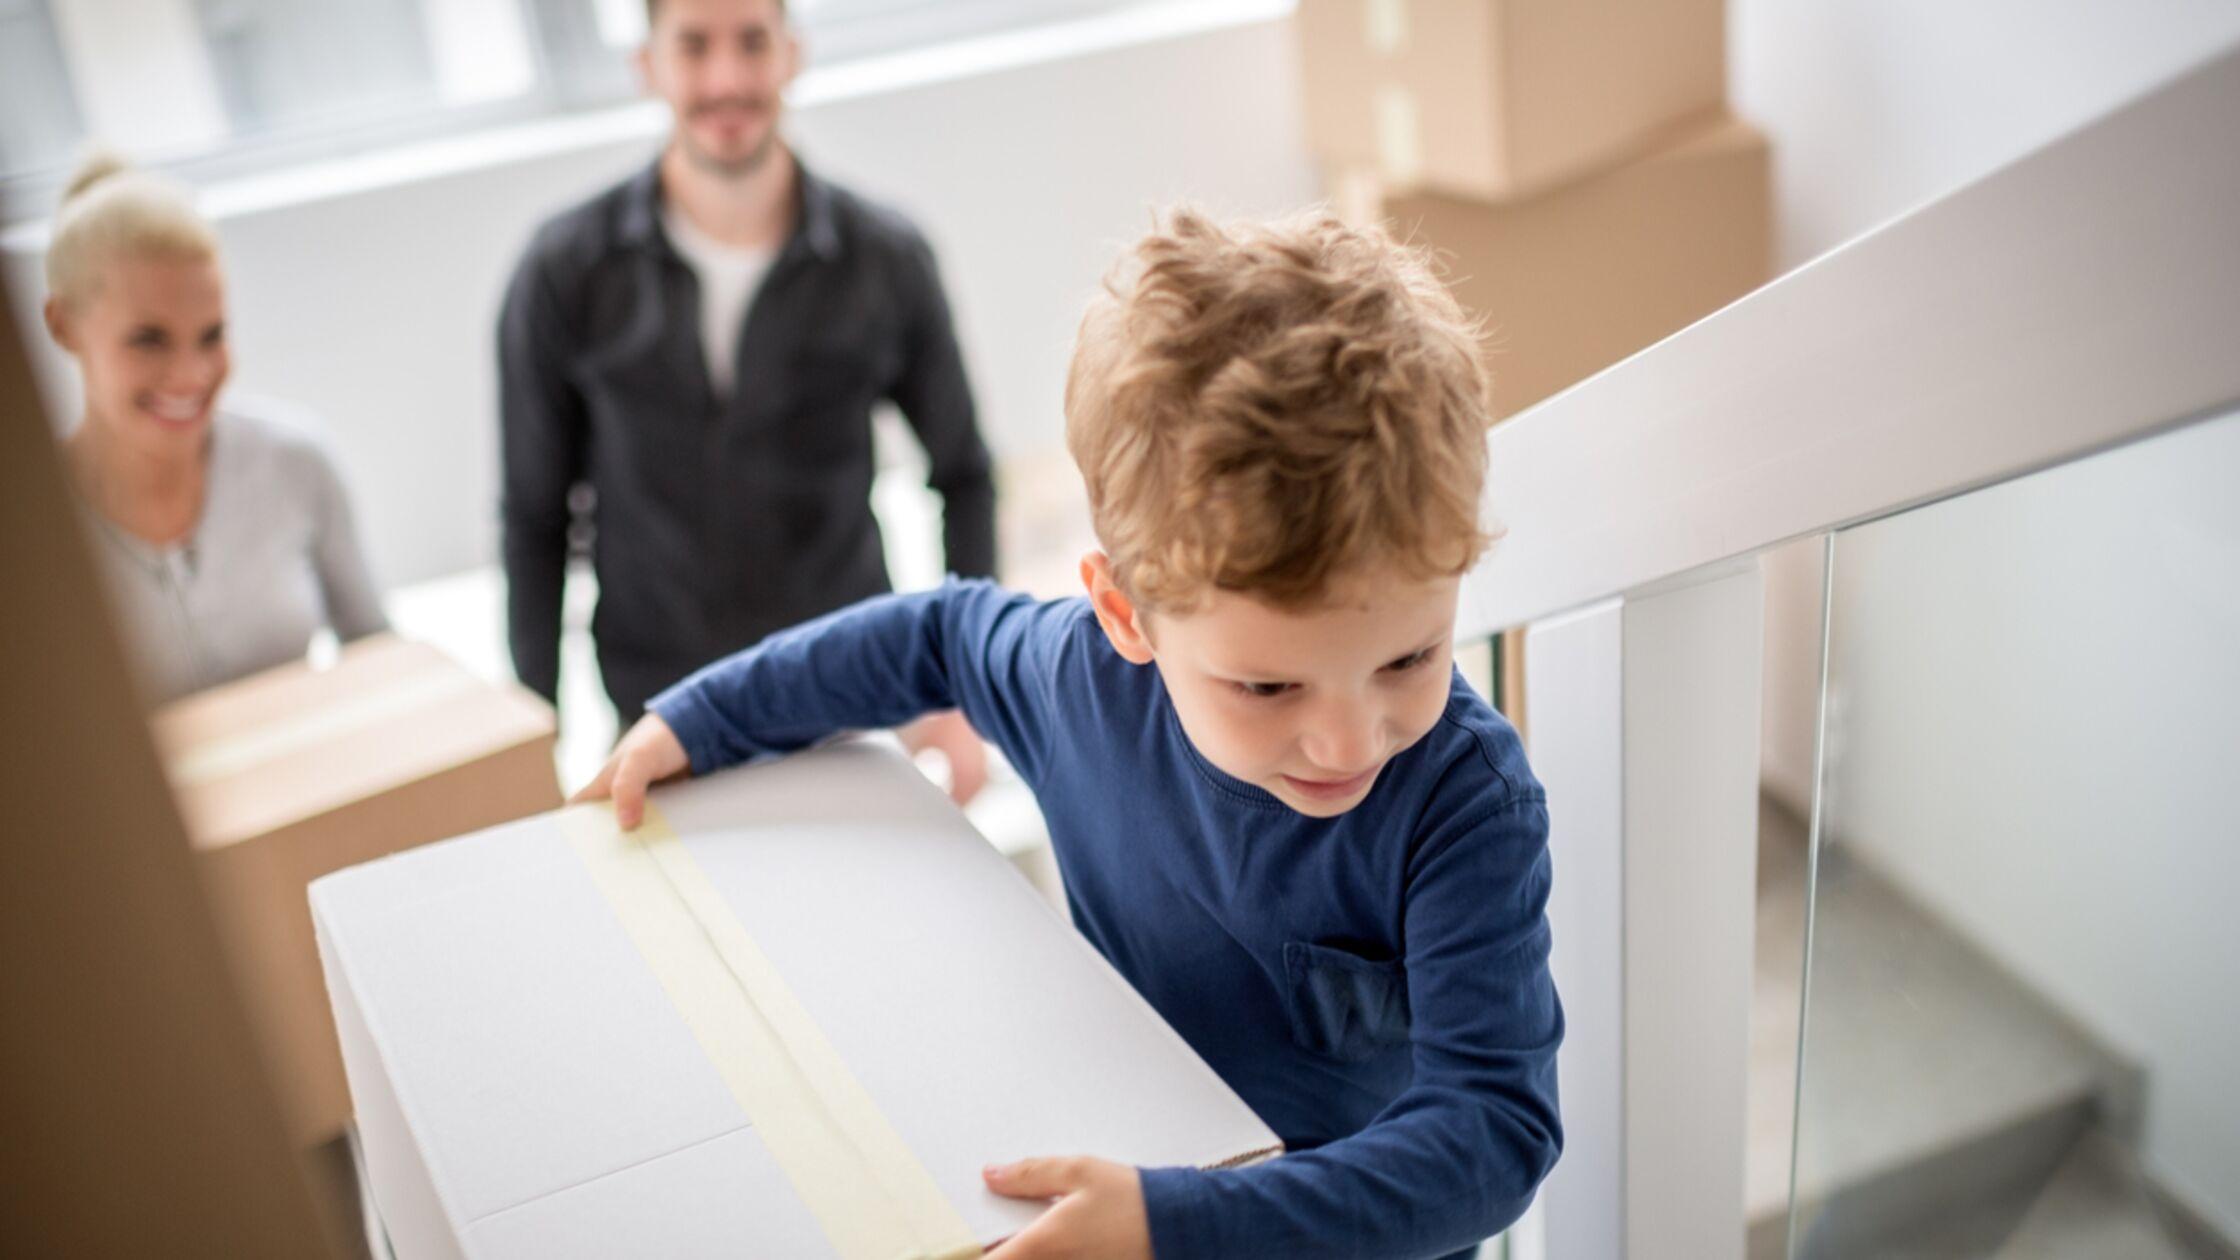 Familie zieht in Wohnung mit Wohnberechtigungsschein